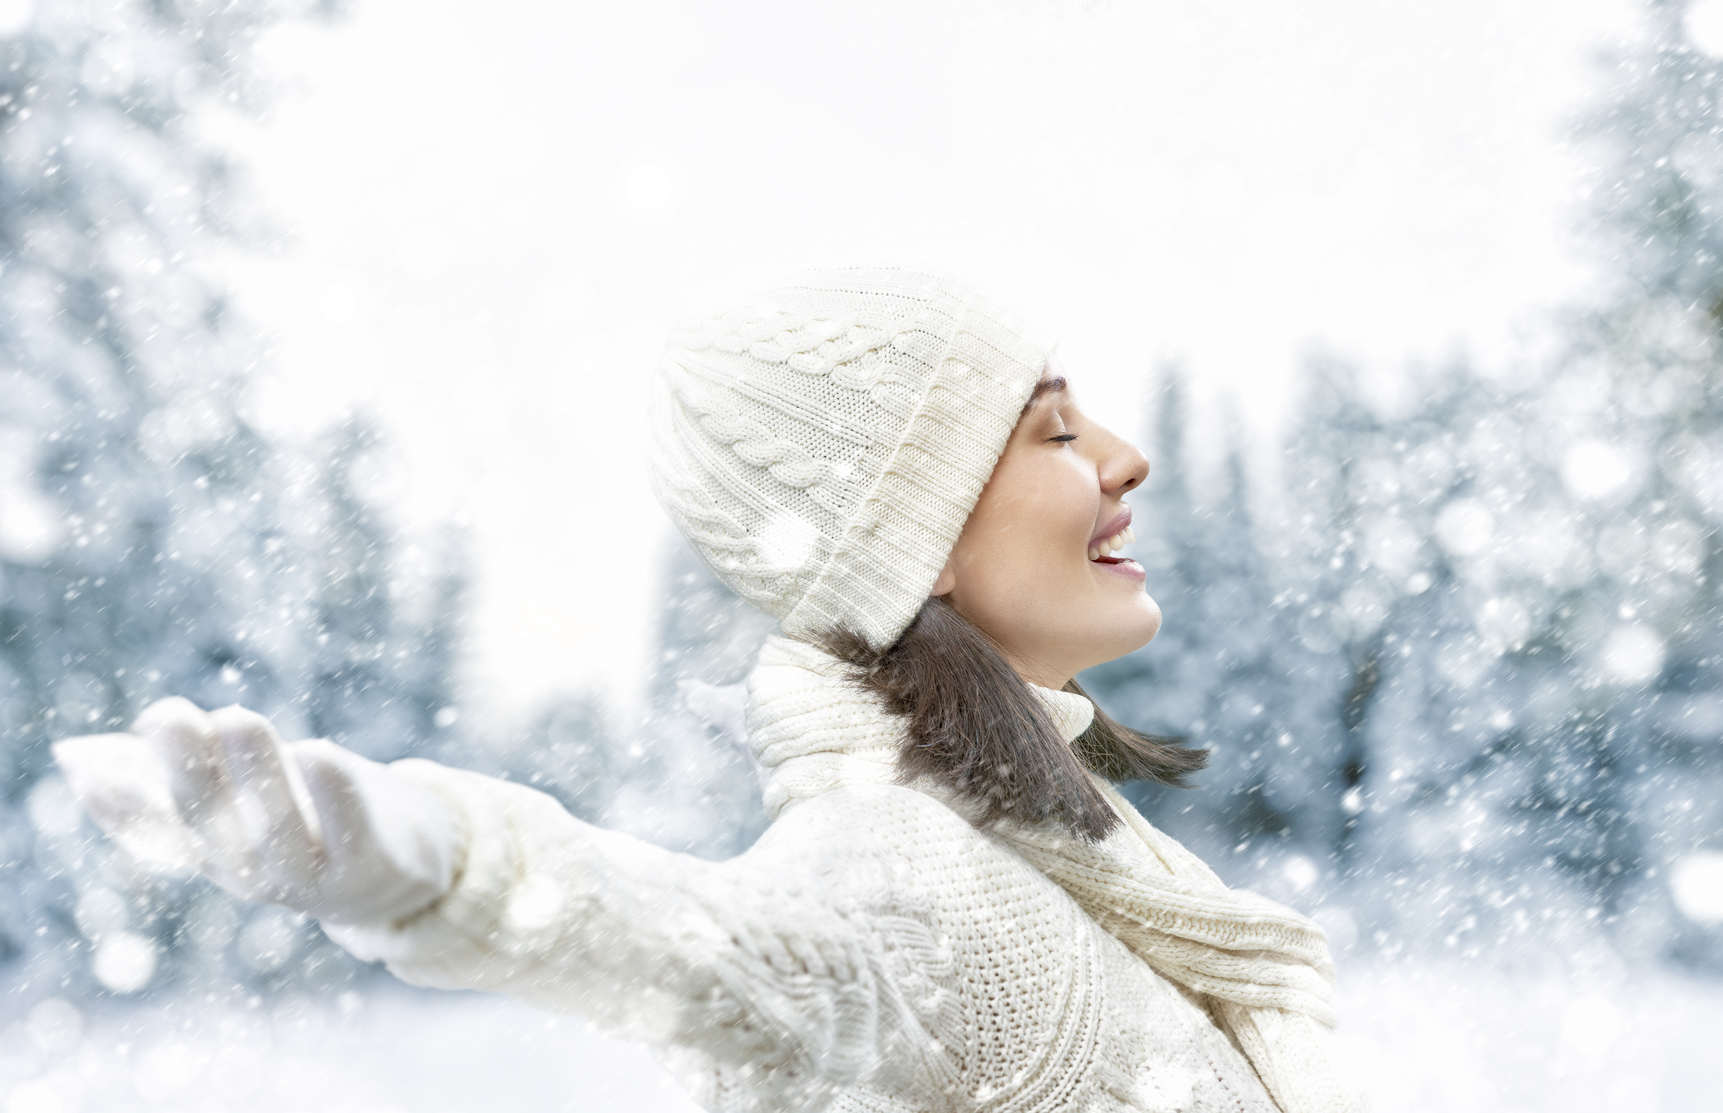 Счастье зимнее фото картинки